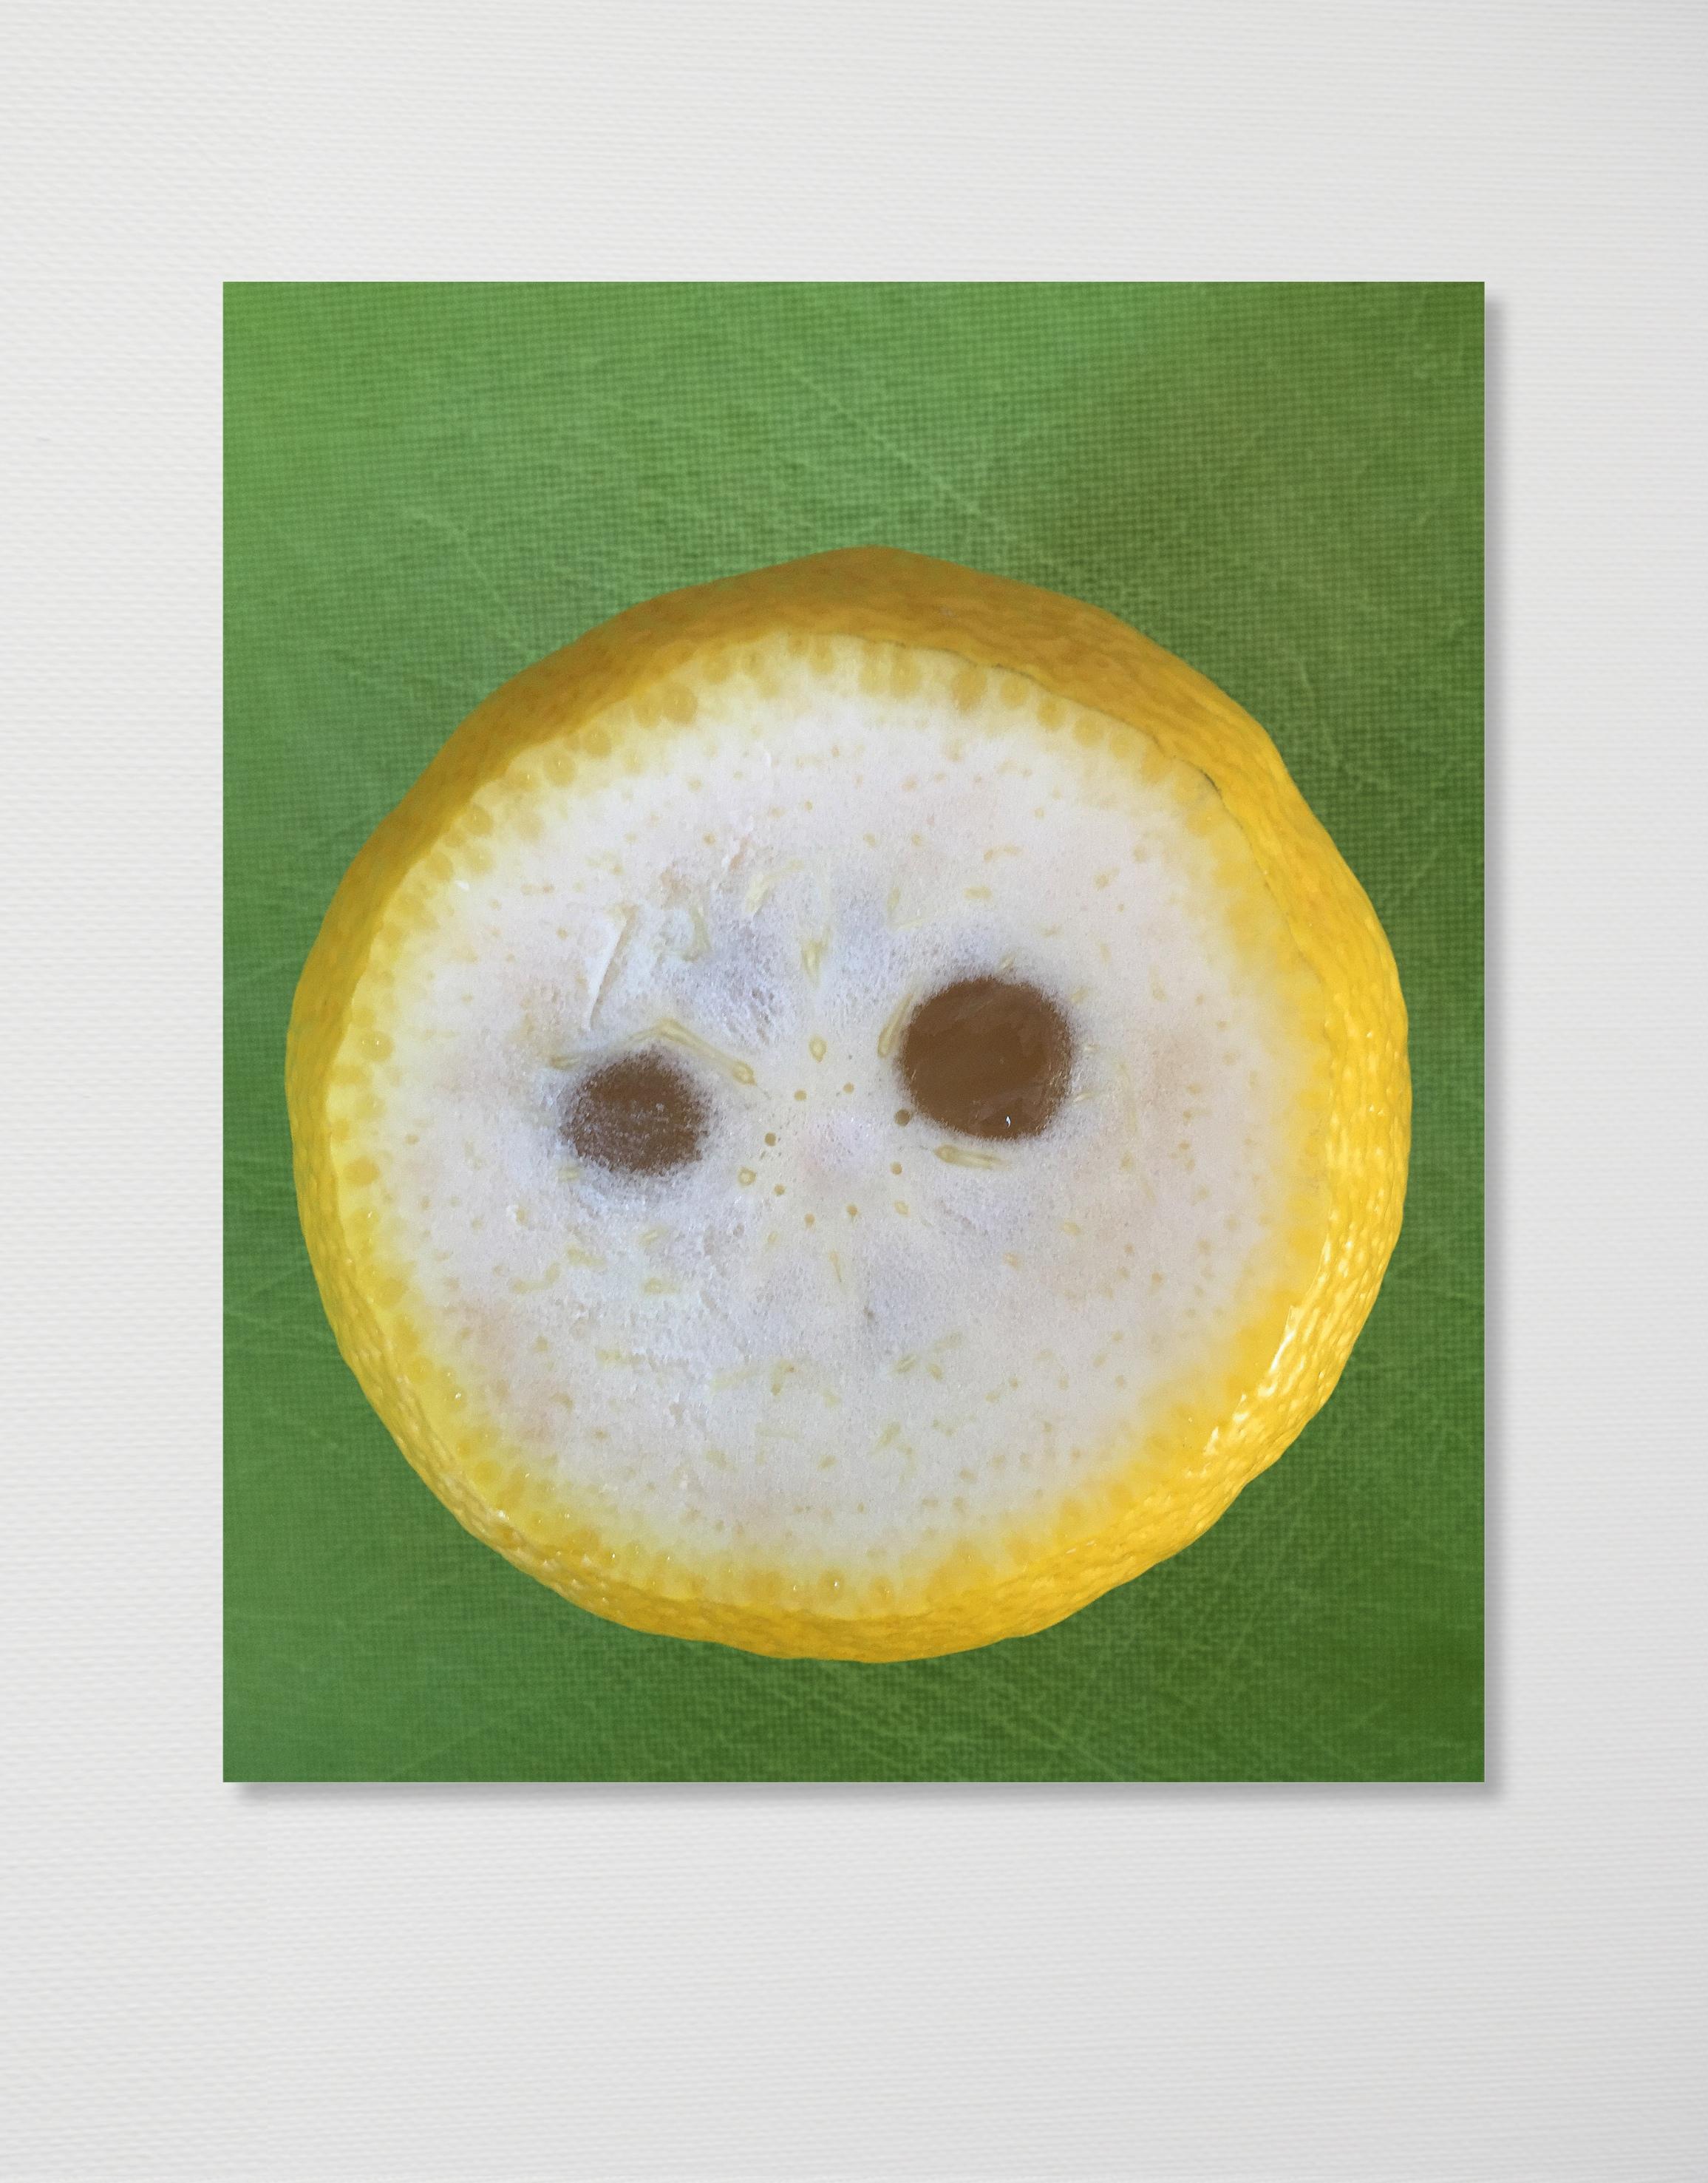 Sourpuss, 2016,  C-print mounted on dibond, 100 x 84 cm